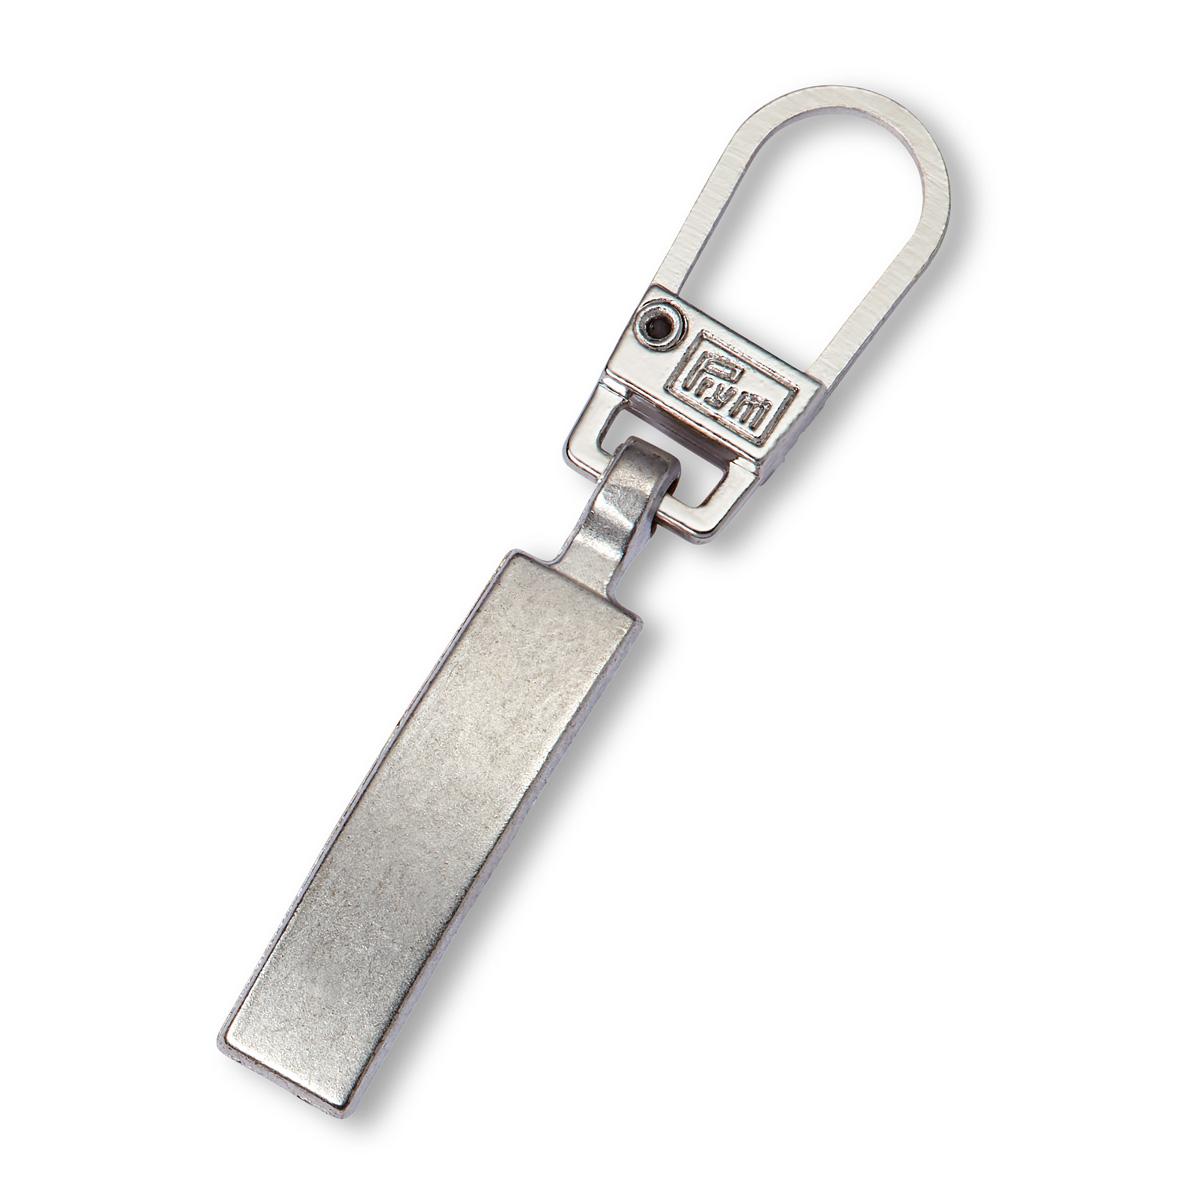 482132 Подвеска для молний (классика), металл, матовый серебристый, Prym